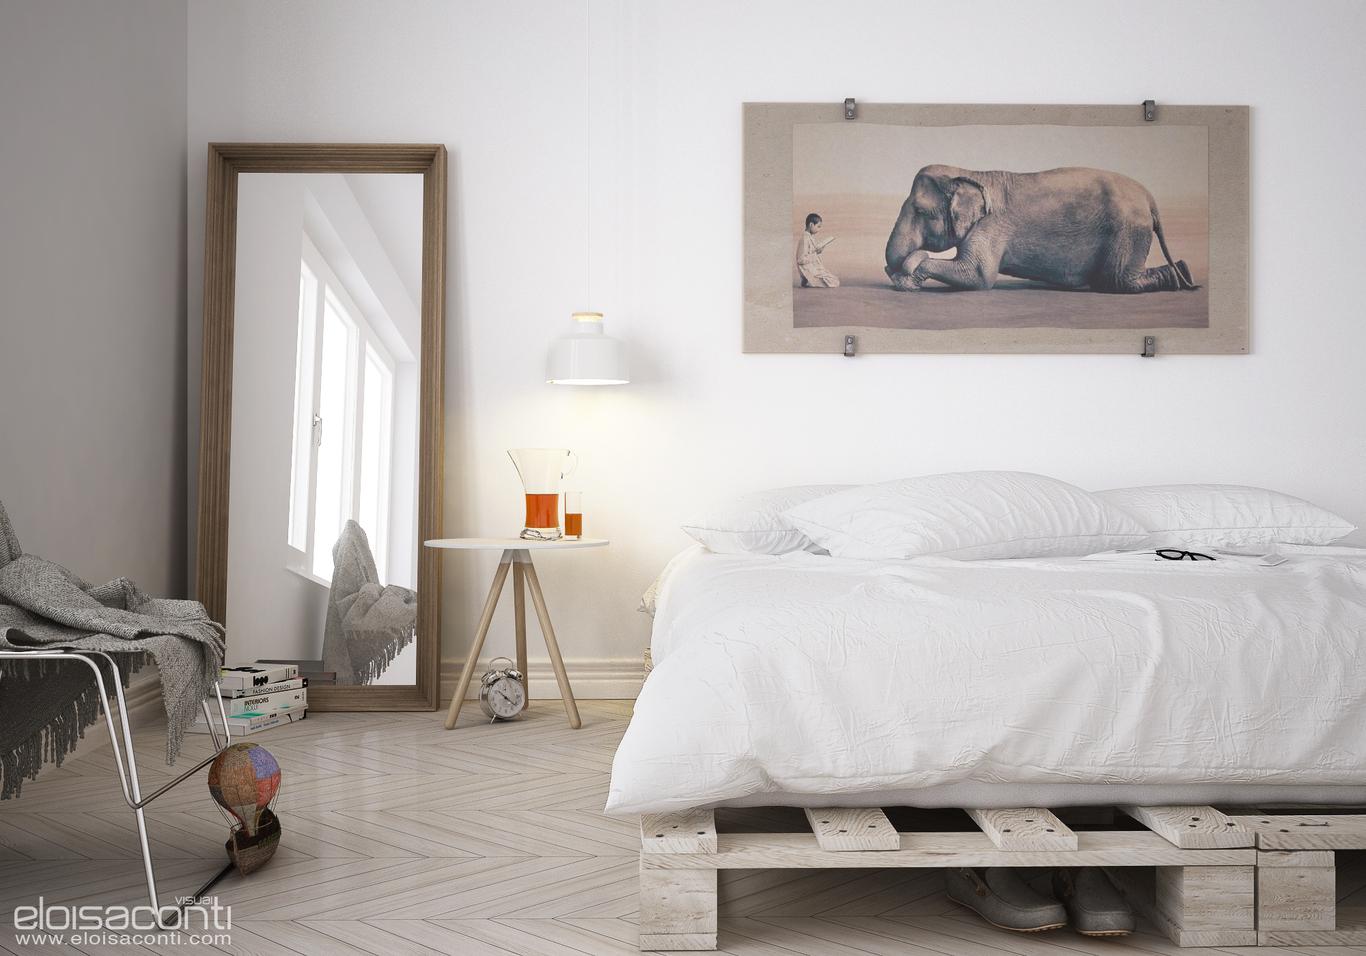 Eloisaconti easy bedroom dot dot 1 da511b9b 3wa3